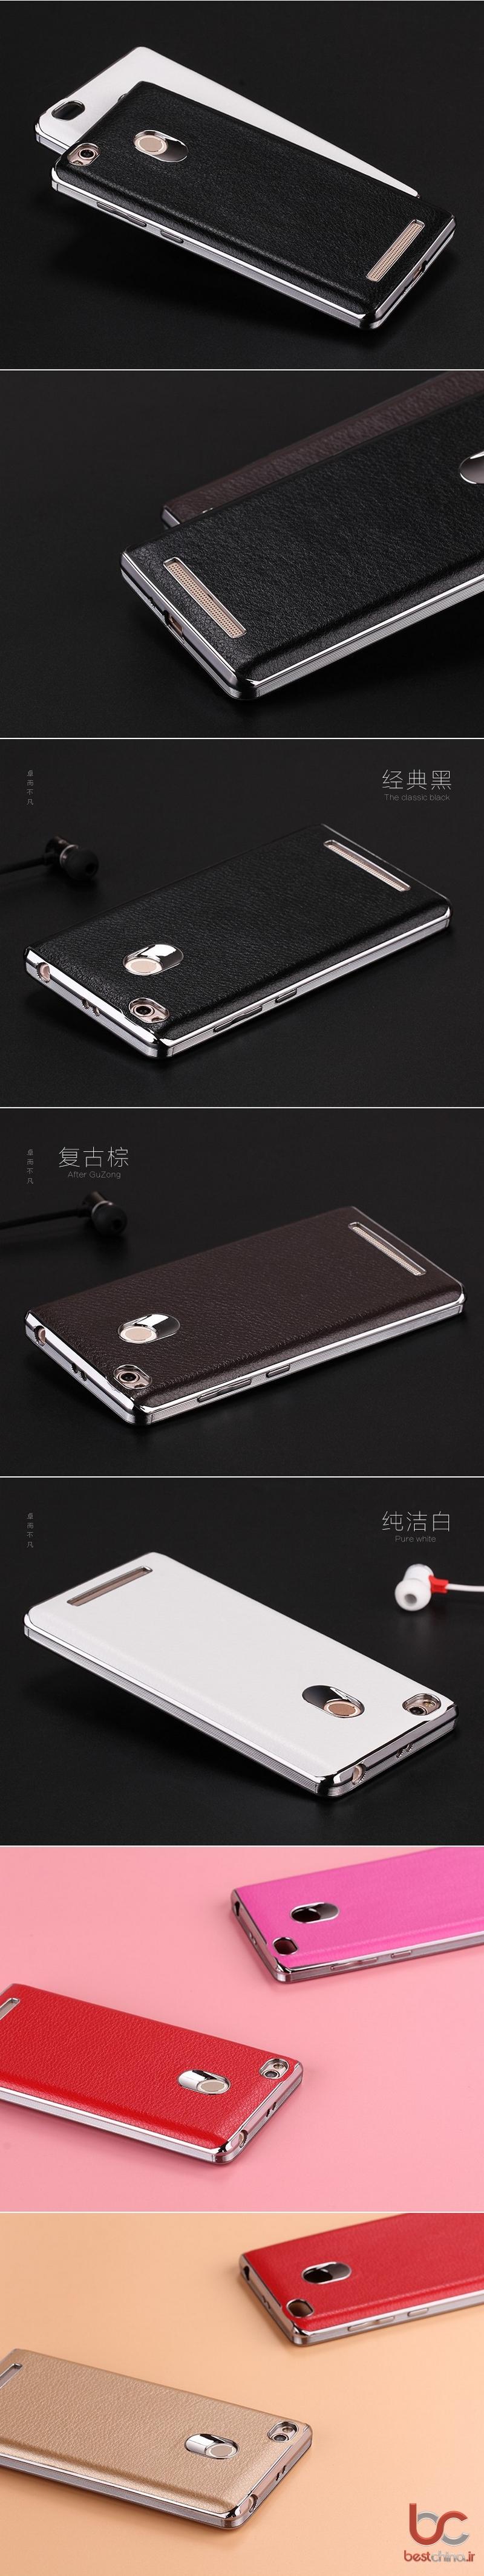 Xiaomi Redmi 3S Leather Back Cover (1)